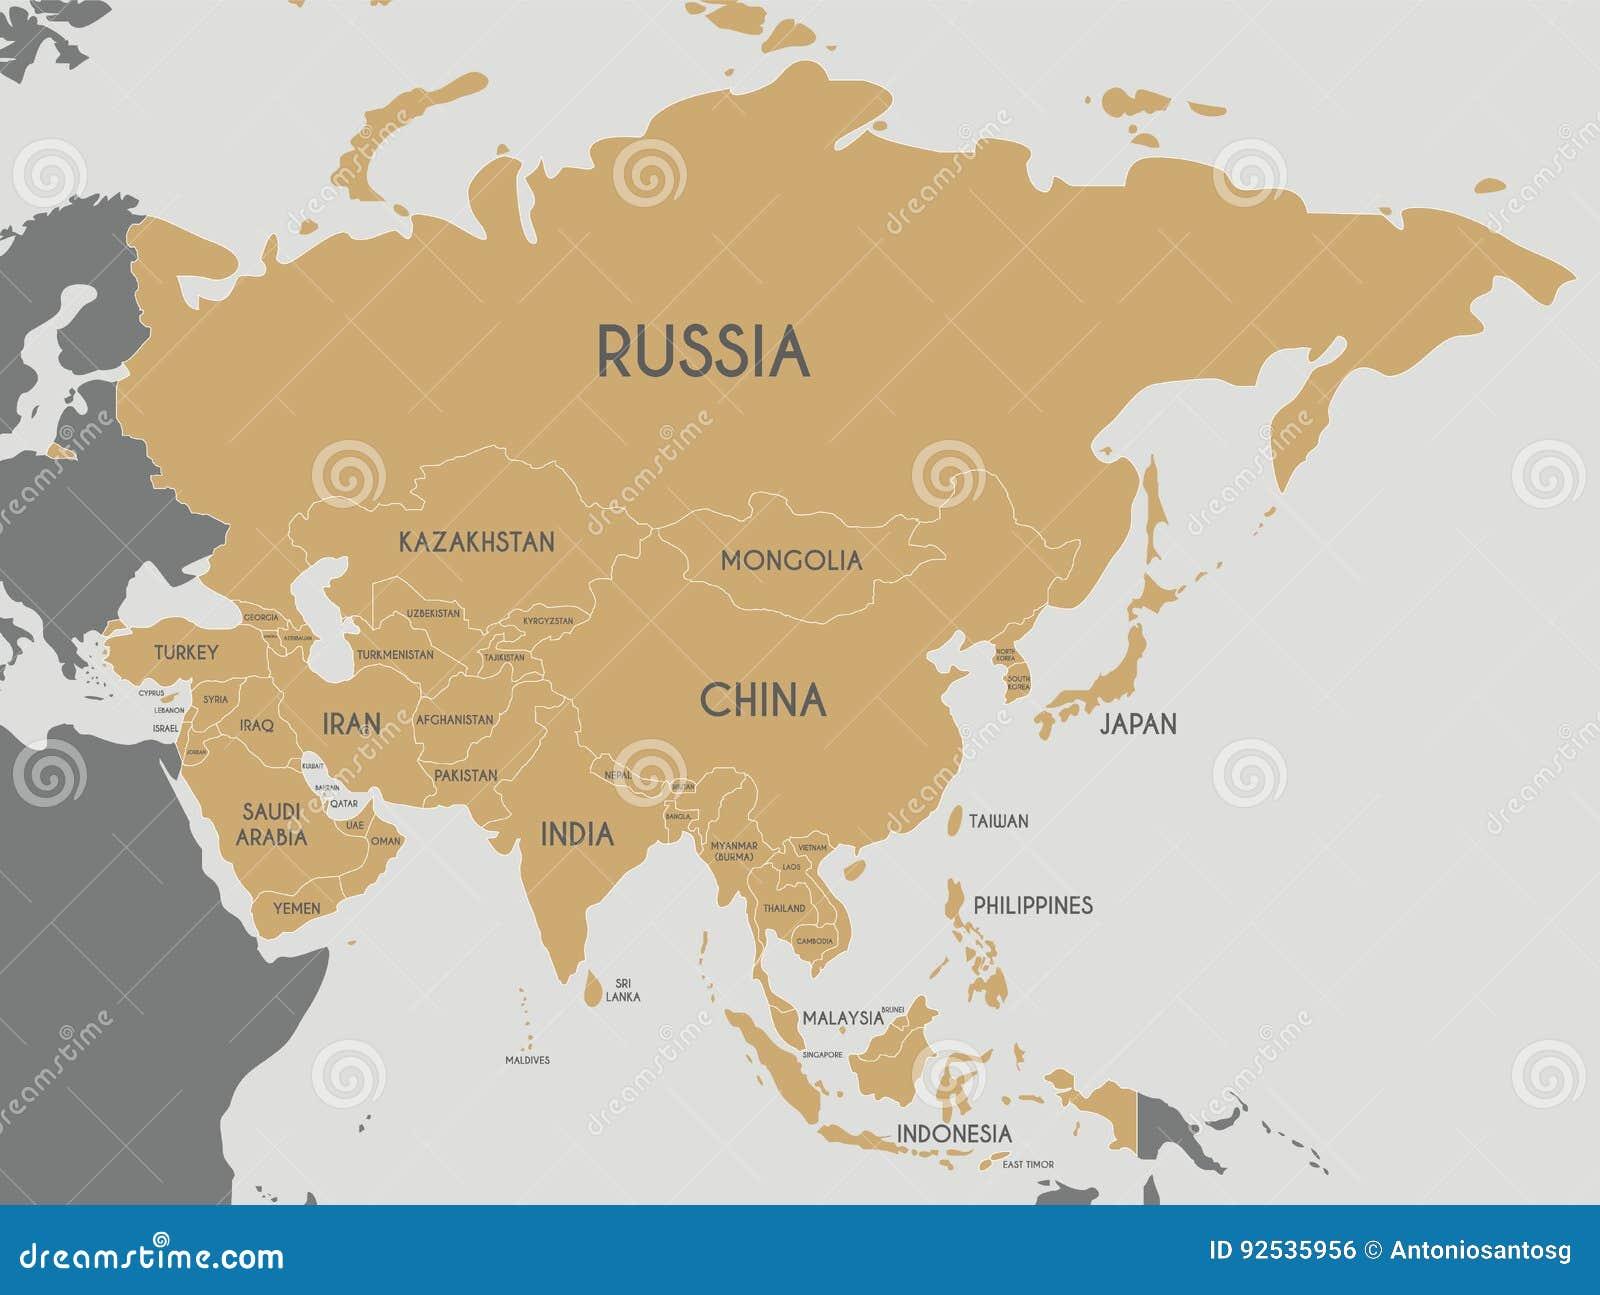 Cartina Mondo Editabile.Illustrazione Politica Di Vettore Della Mappa Dell Asia Editabile E Chiaramente Laboratorio Illustrazione Vettoriale Illustrazione Di Information Disegno 92535956